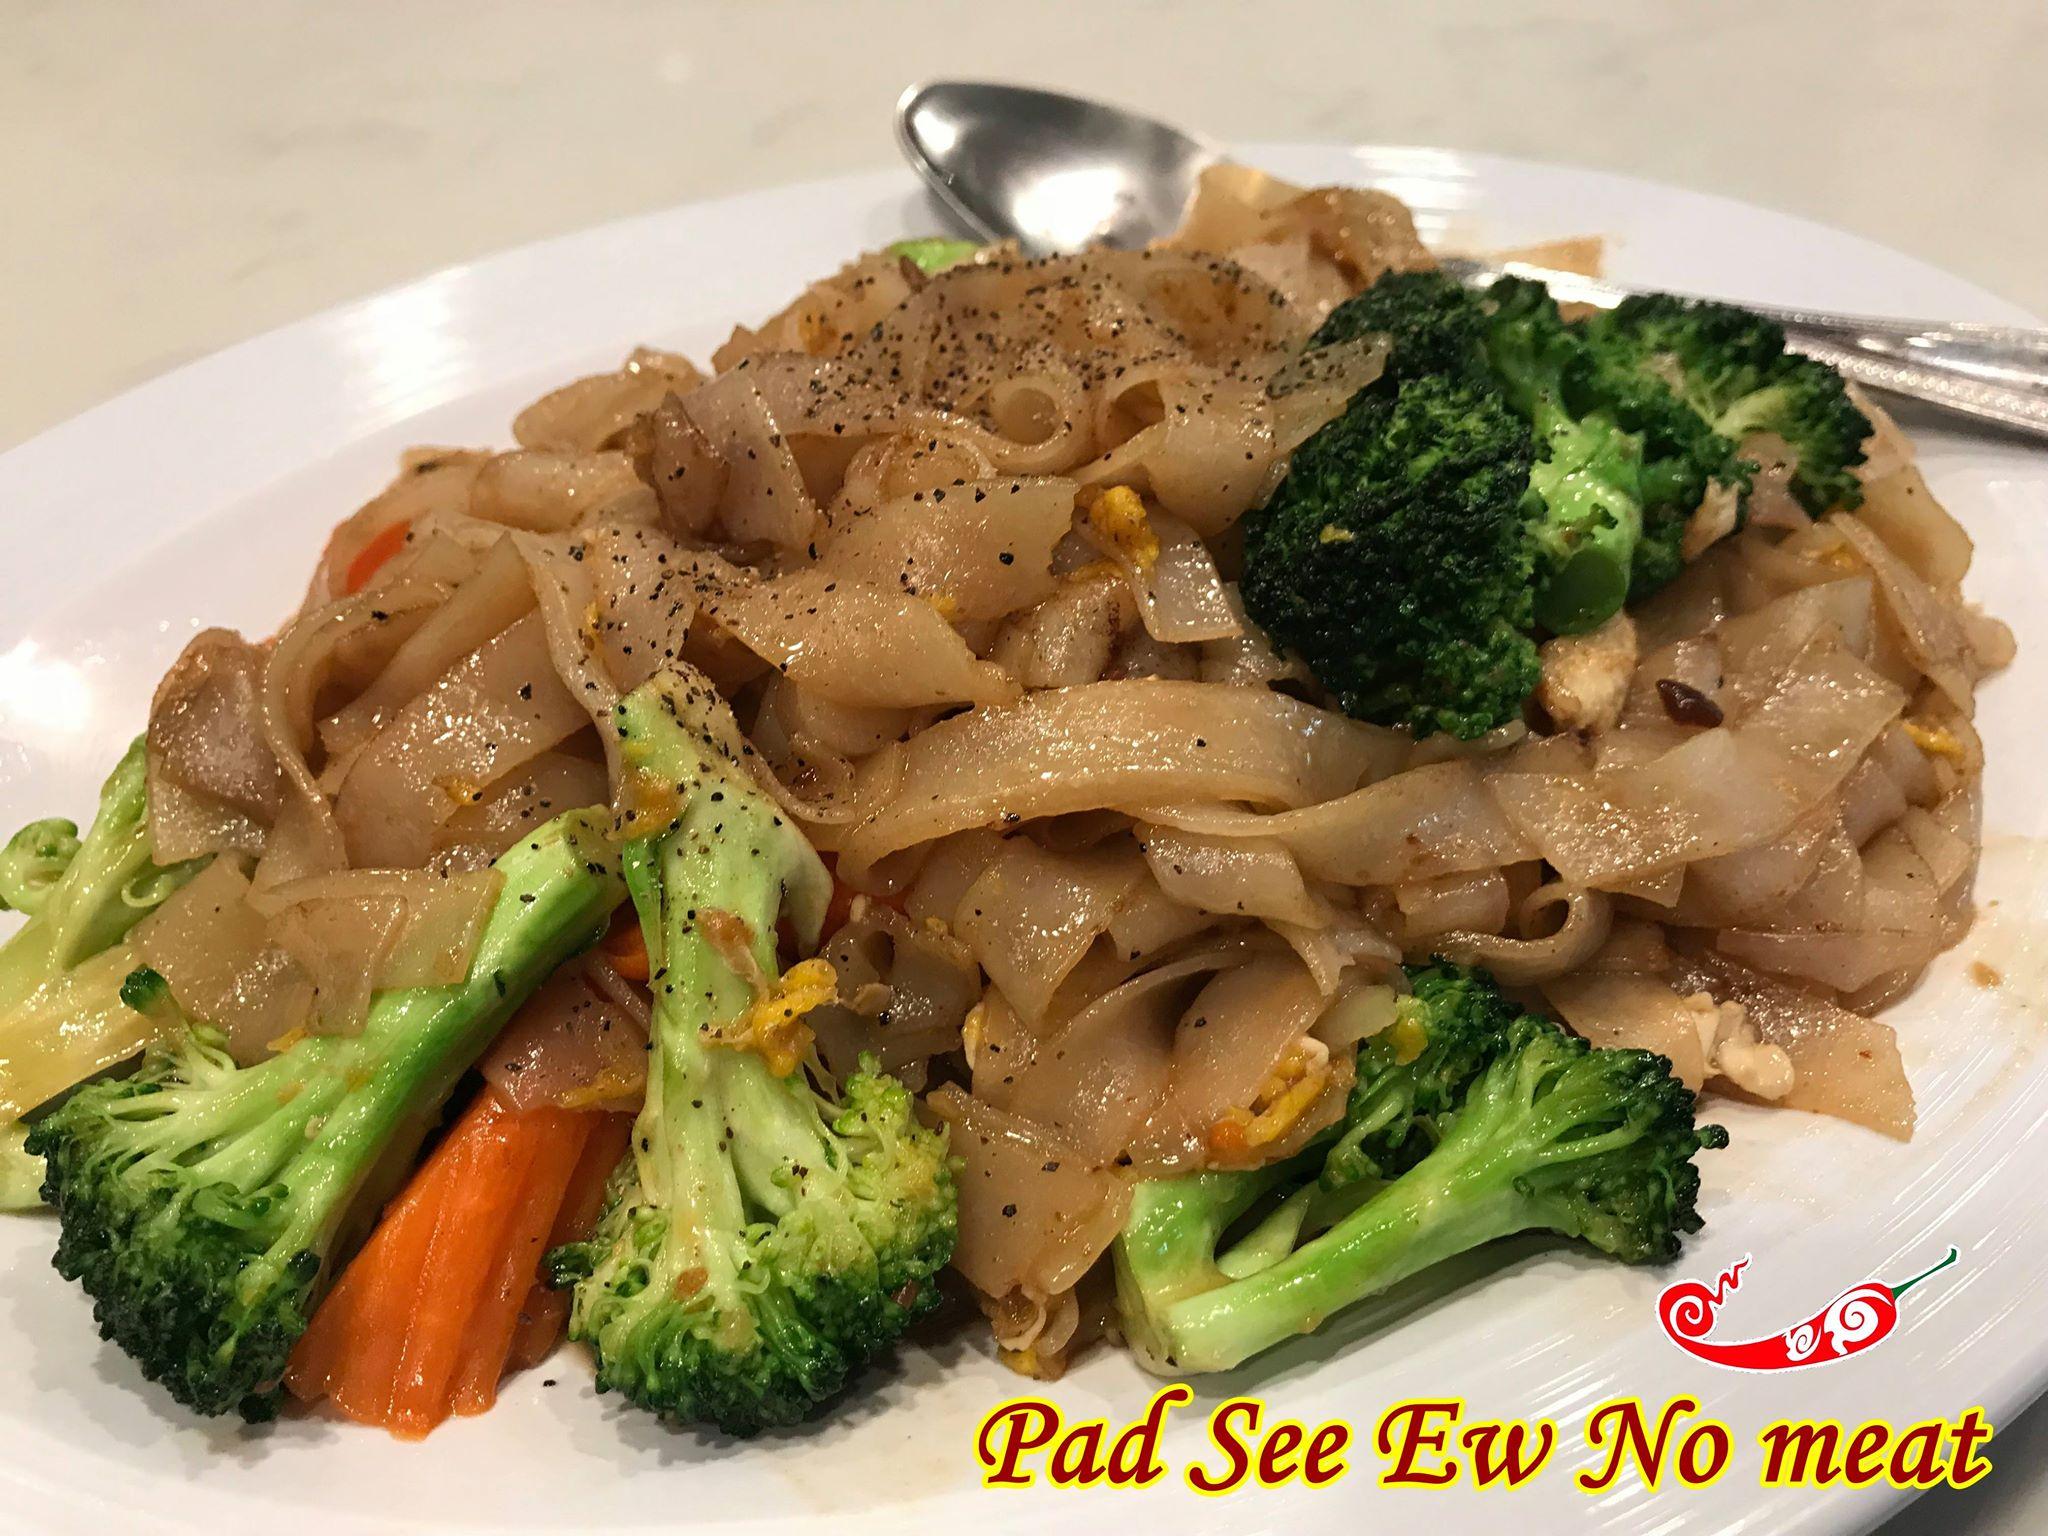 Pad See Ew Image